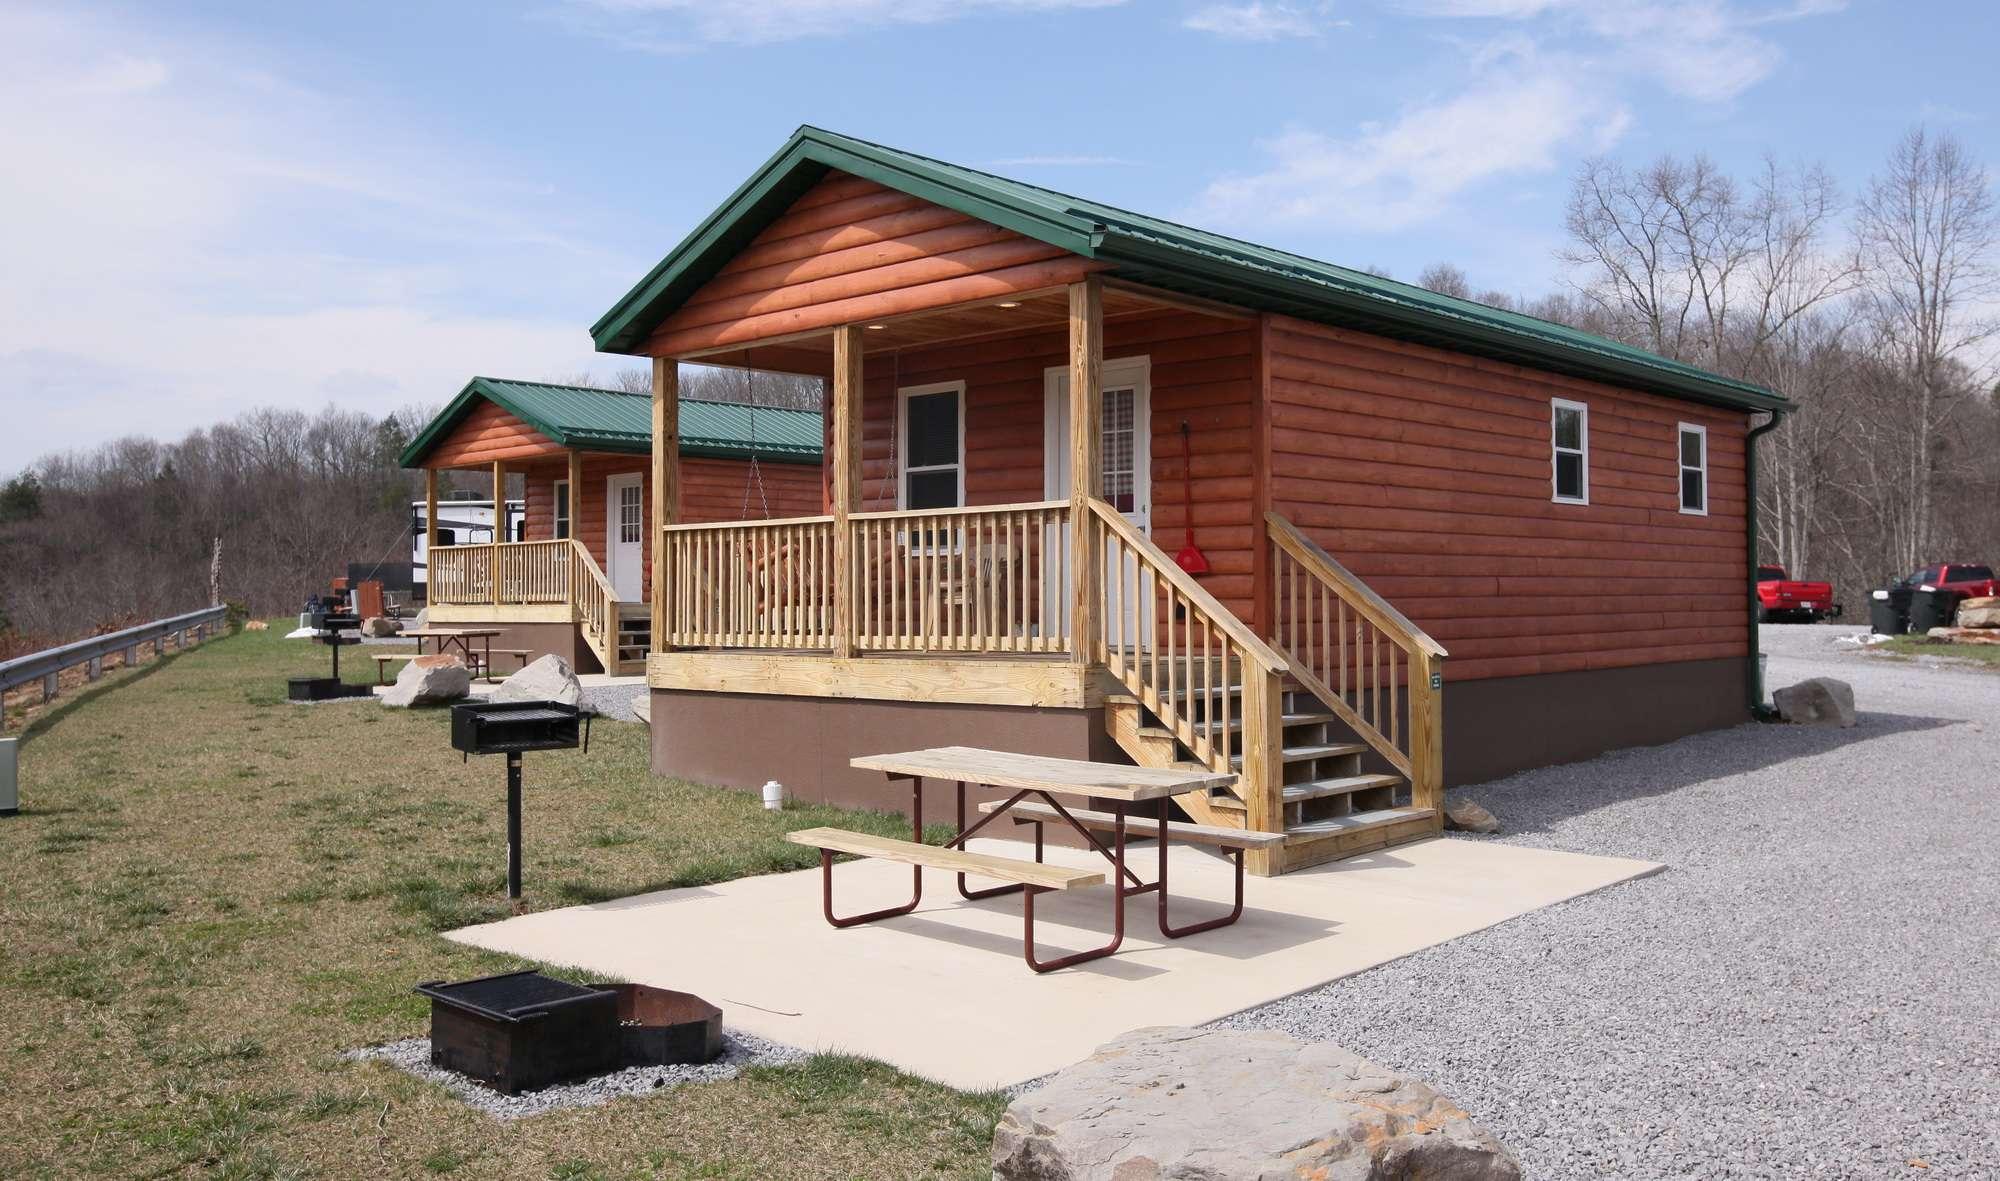 Deluxe Cabin Rentals Trailhead Atv Resort